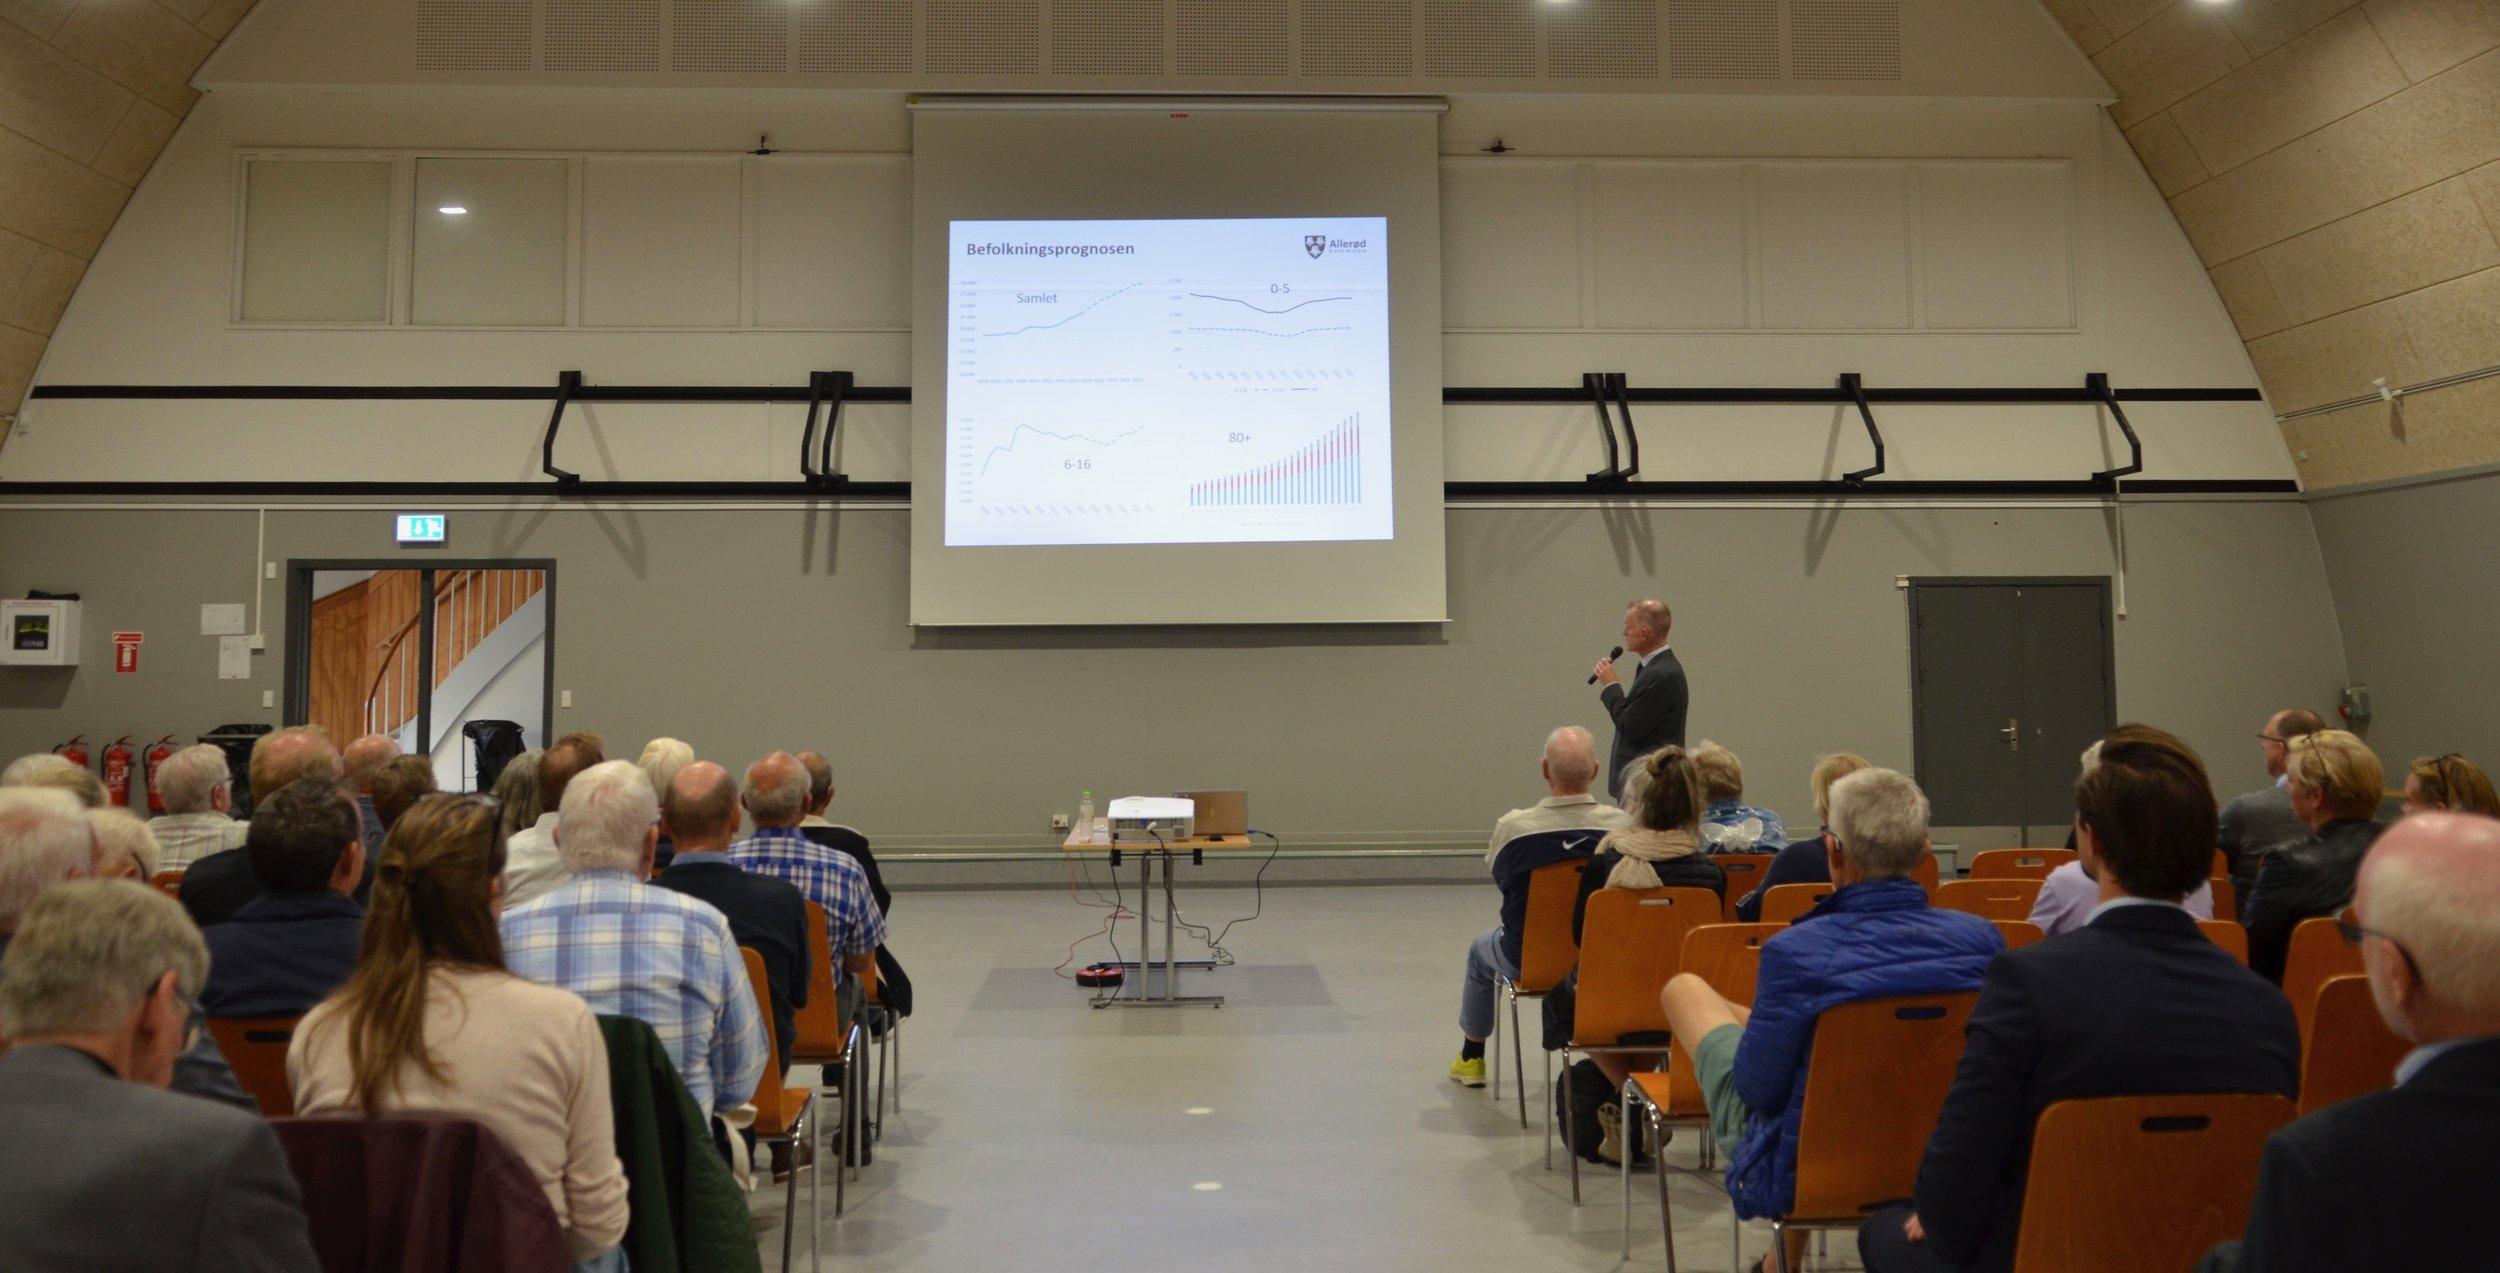 Kommunaldirektør Morten Knudsen fremlagde nogle af de større og generelle betragtninger. Foto: AOB